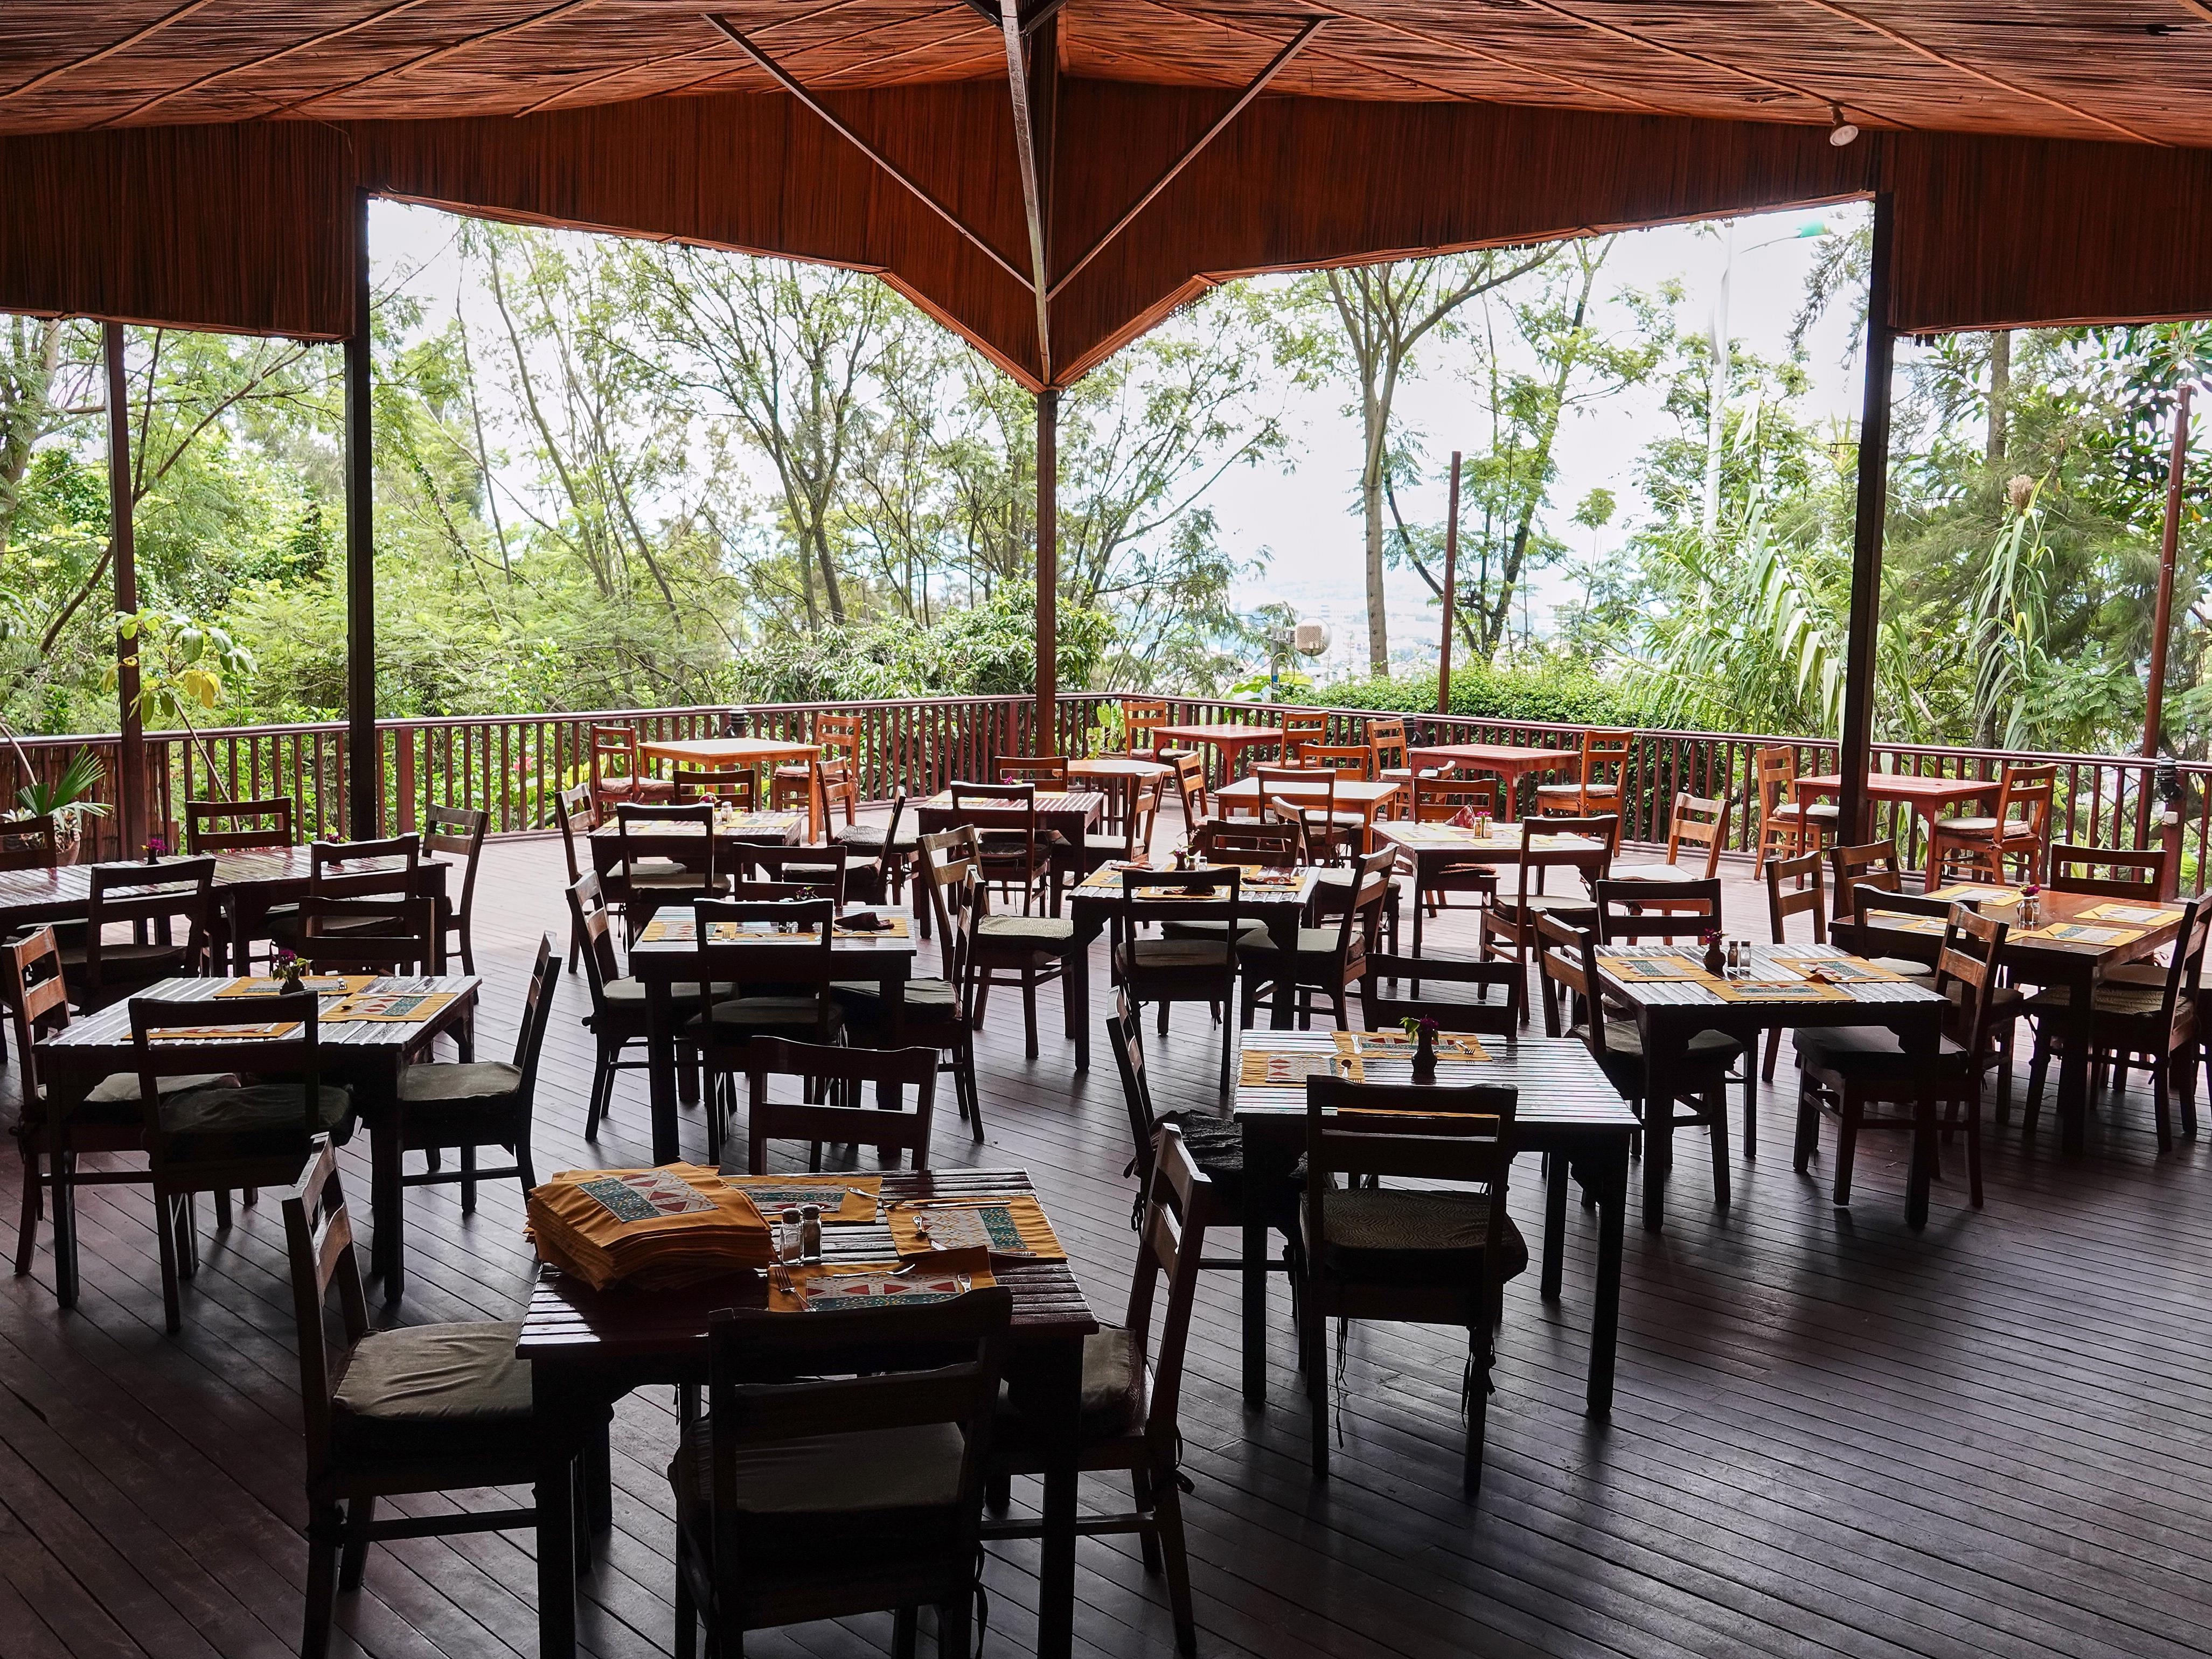 Une dizaine de tables et des chaises sur une terrasse couverte.